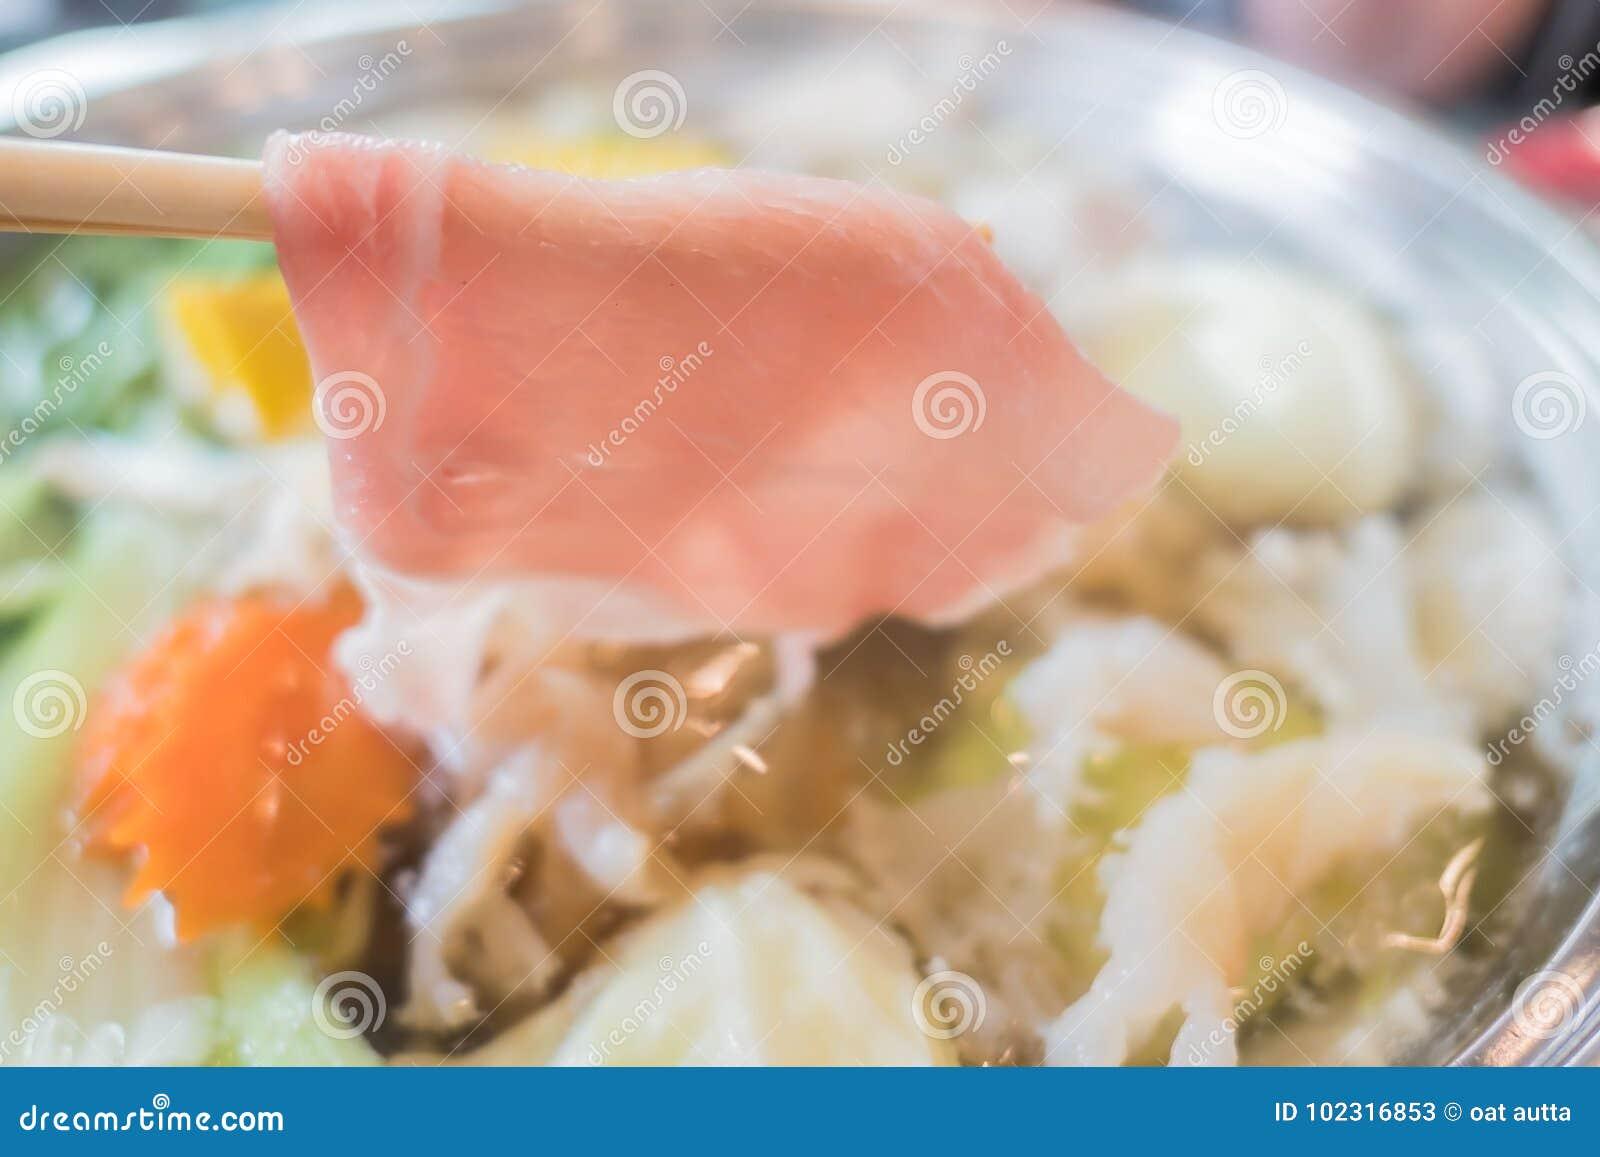 Shabu Shabu или Sukiyaki или горячий бак, рука держа свинину используя палочки, японскую еду в ресторане